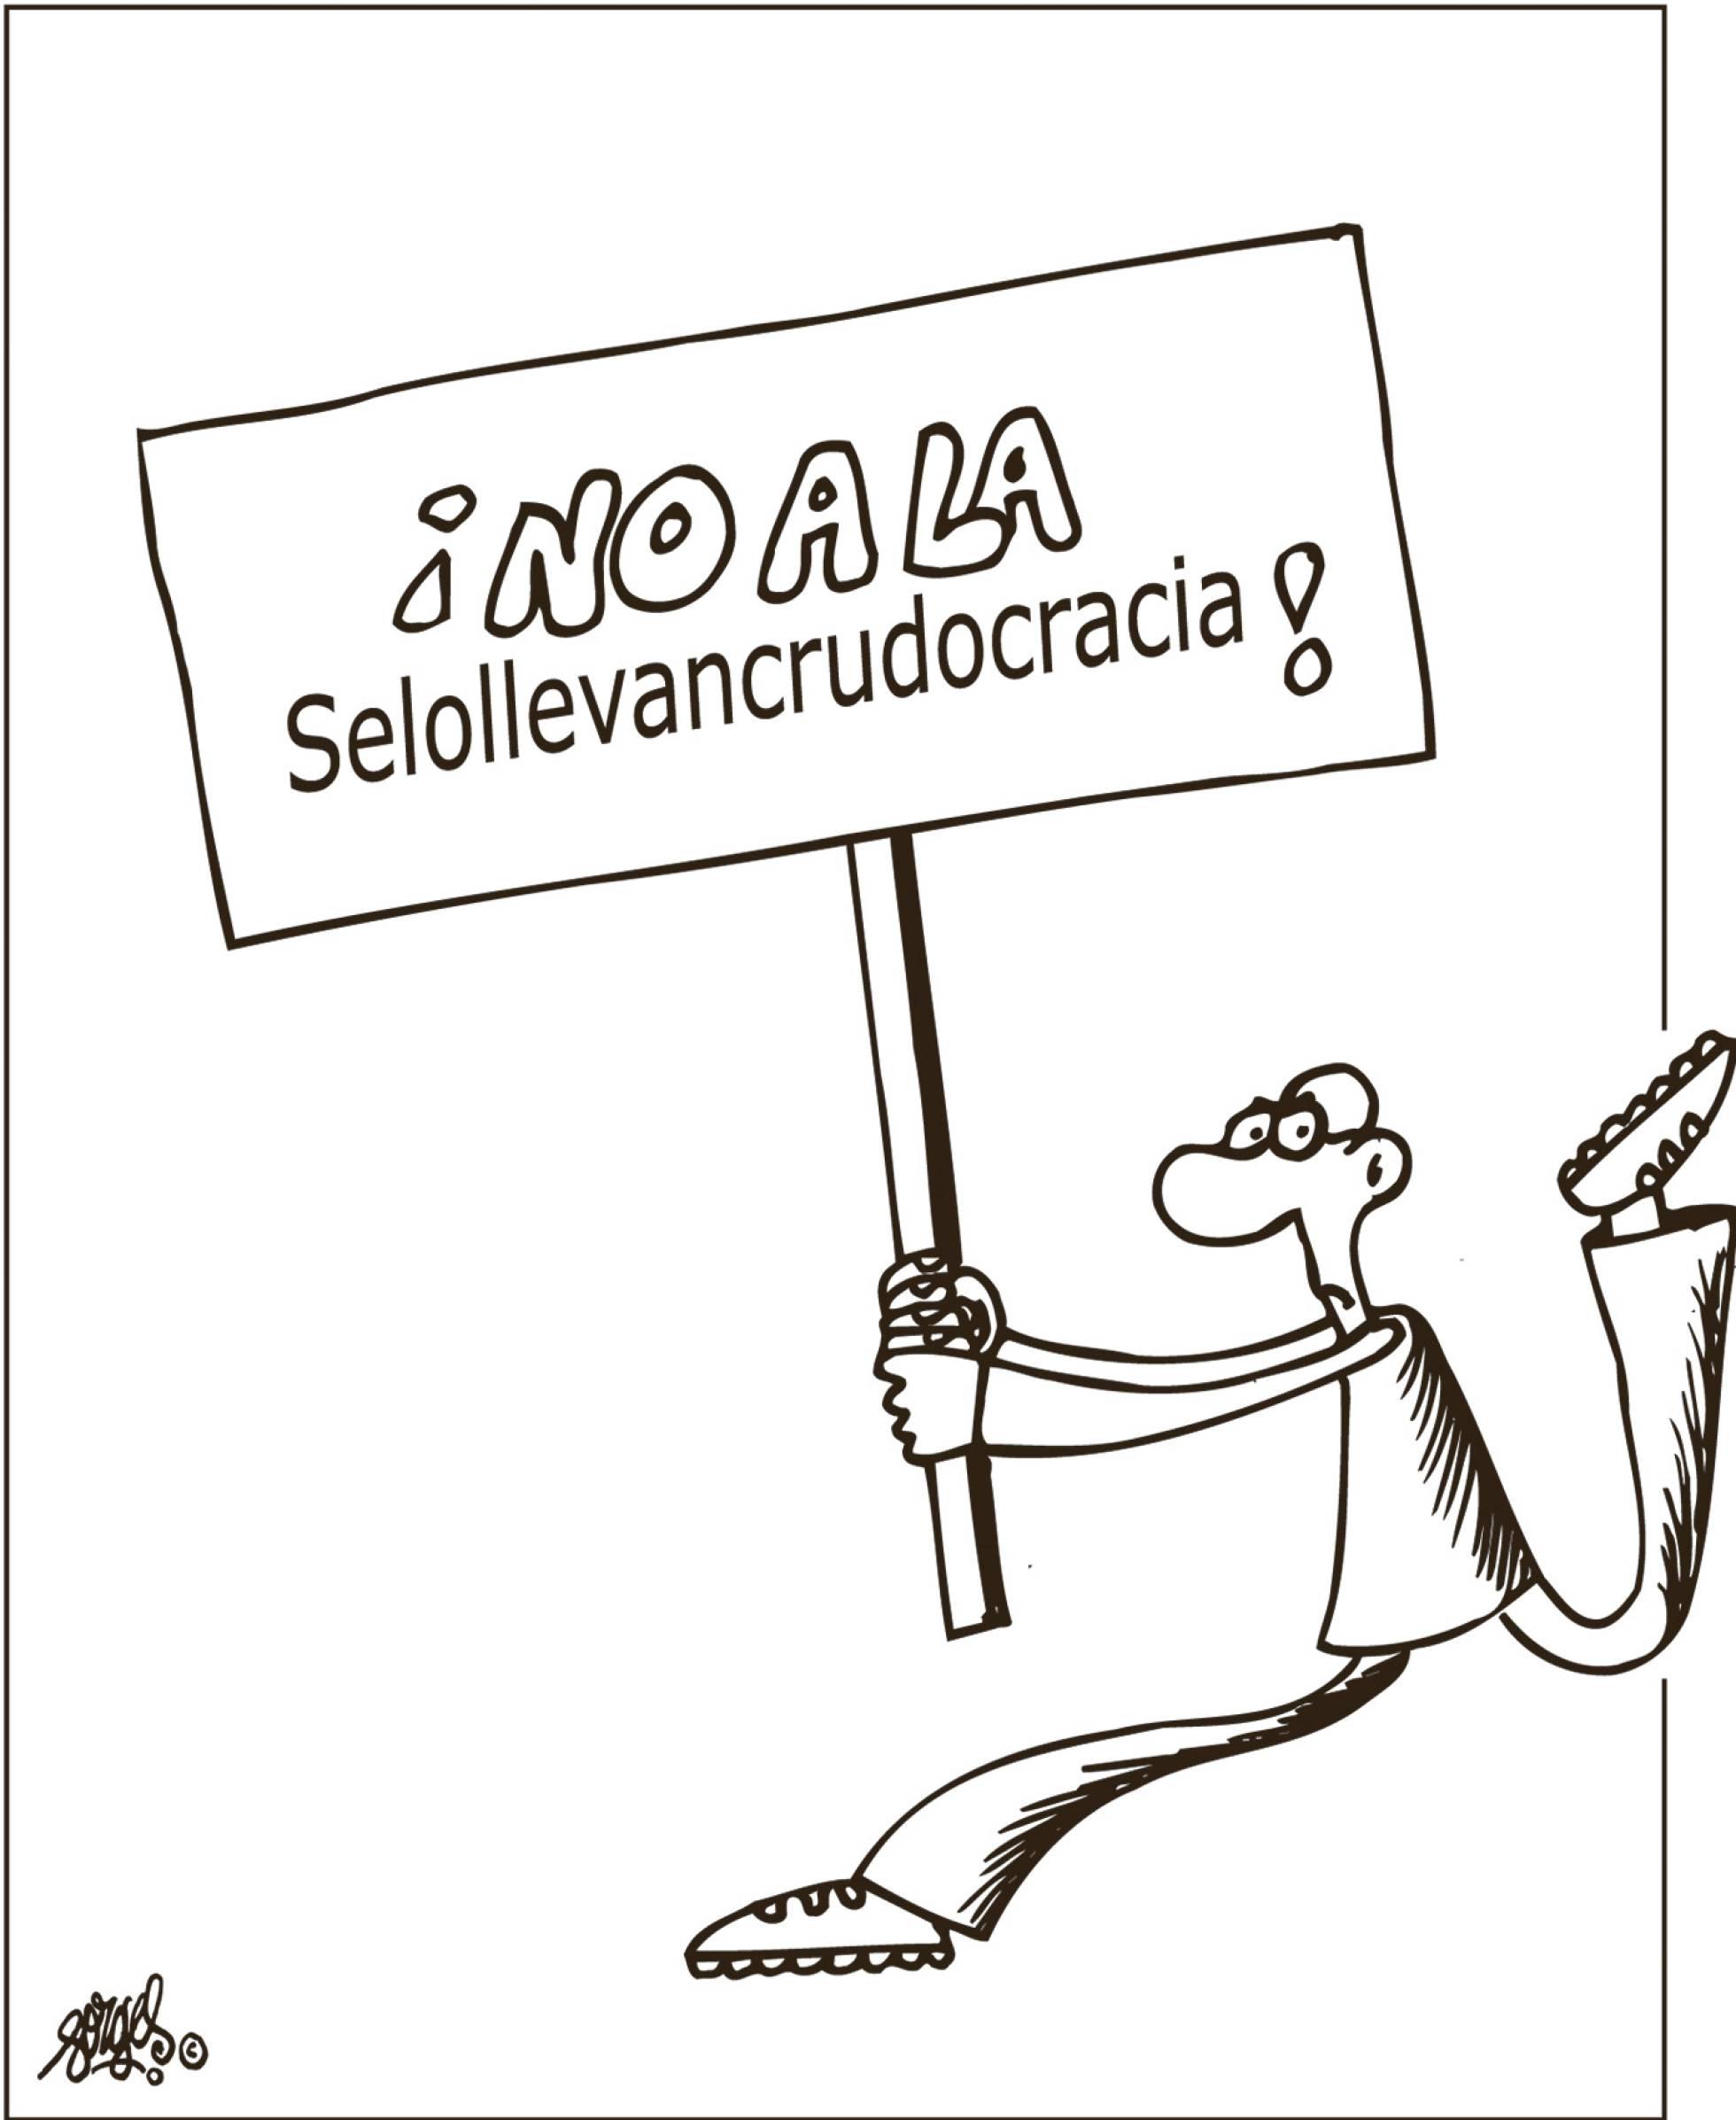 Forges, El País, 15/06/2016